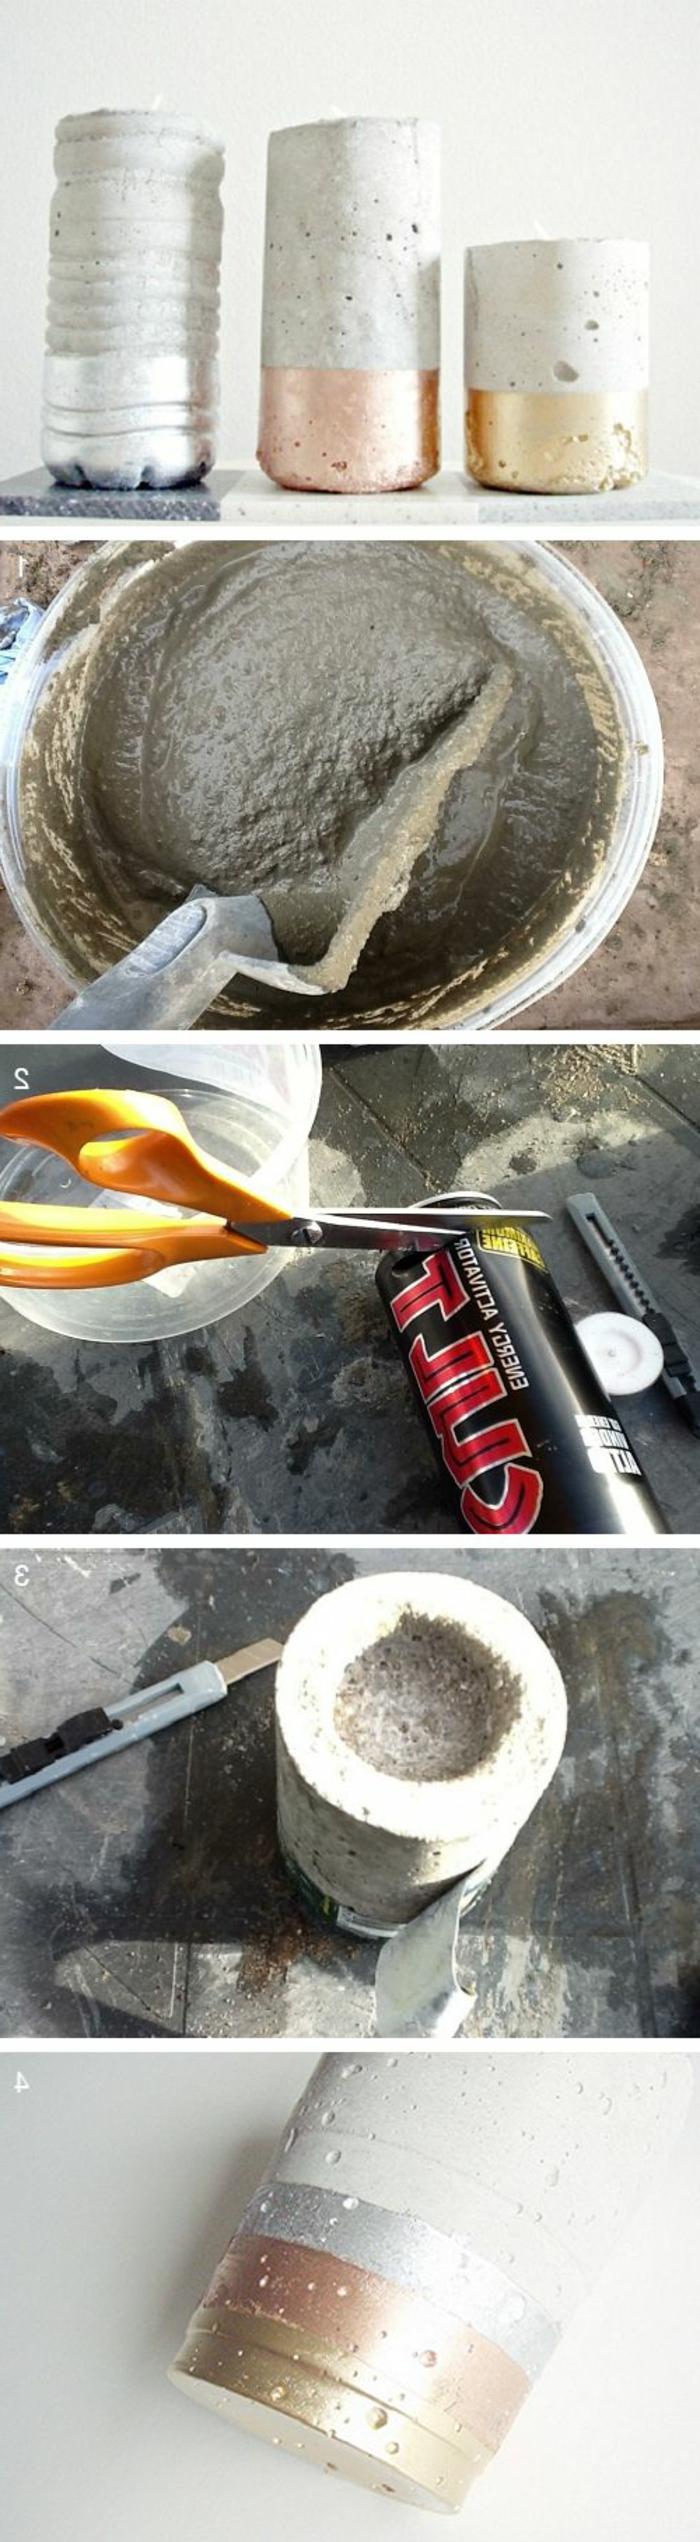 basteln mit beton - diy vasen, dose, schere, cutter